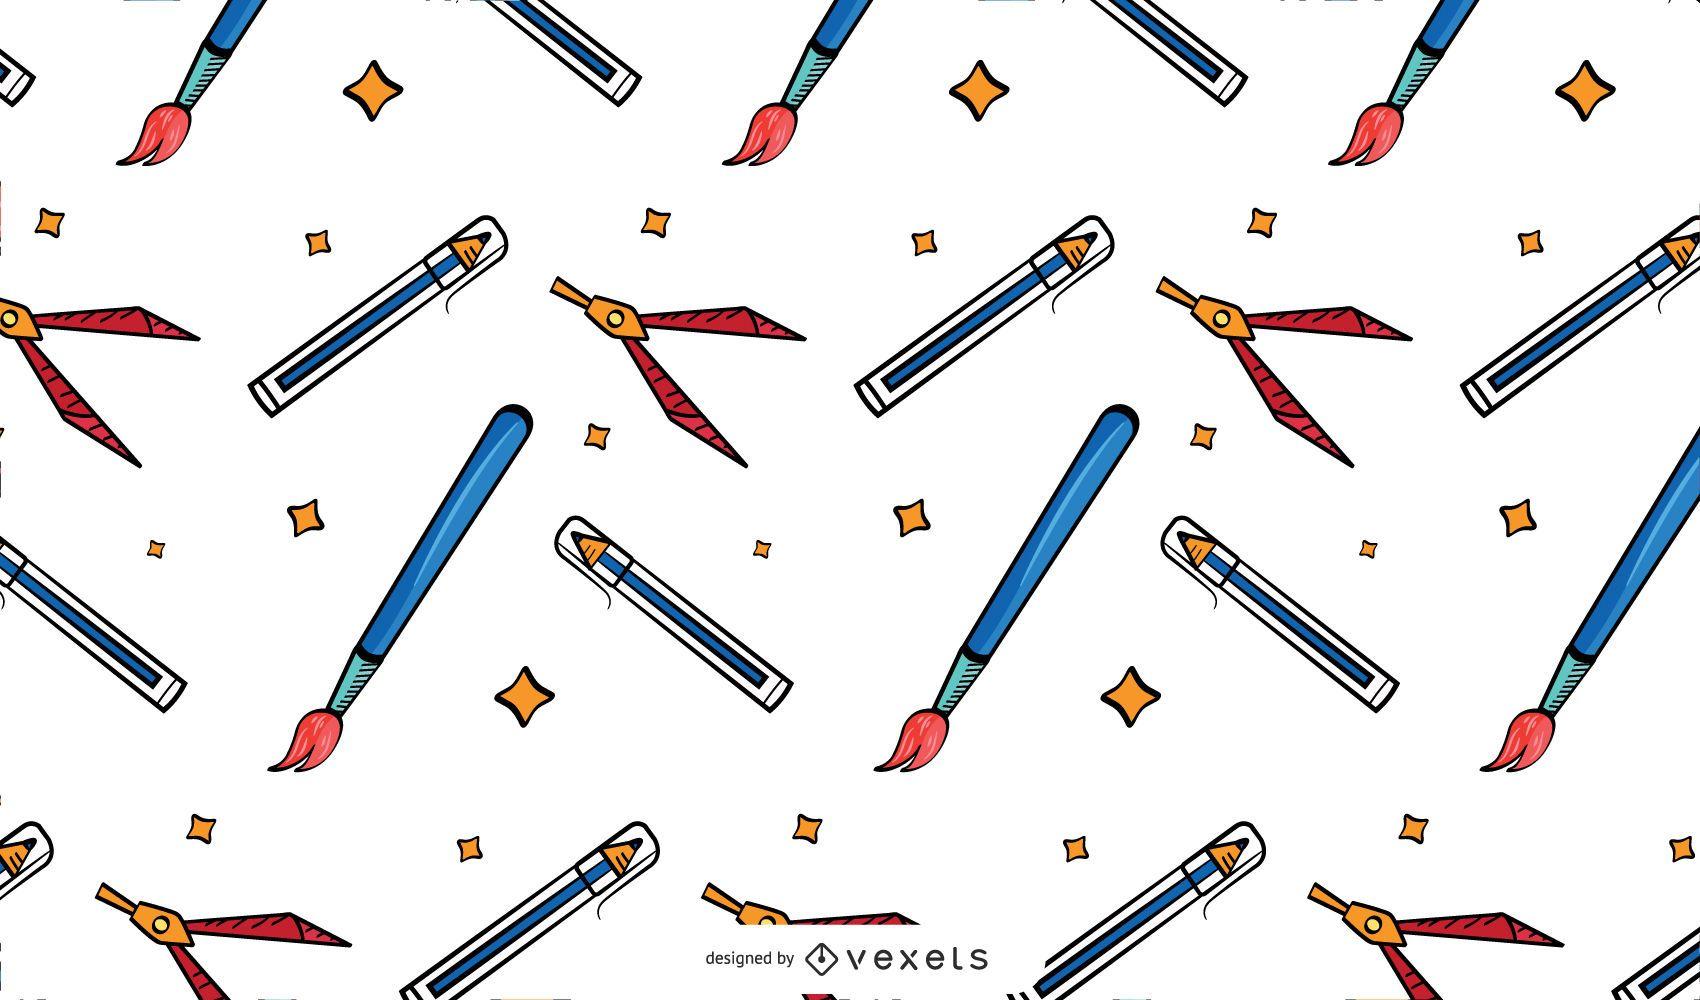 Vintage school supplies pattern design